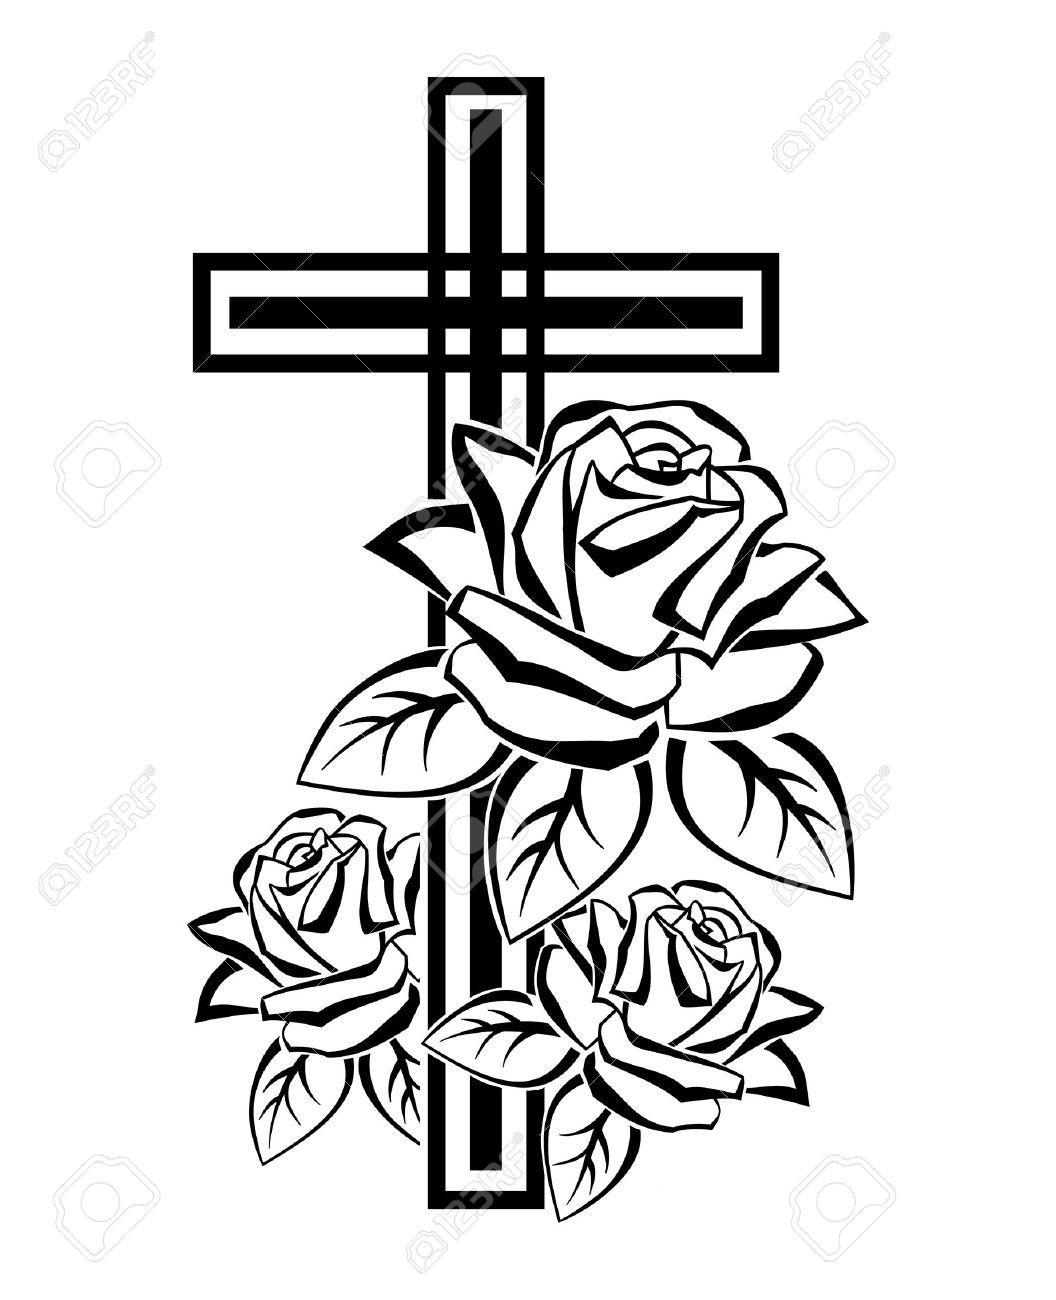 Imagenes Religiosas En Blanco Y Negro